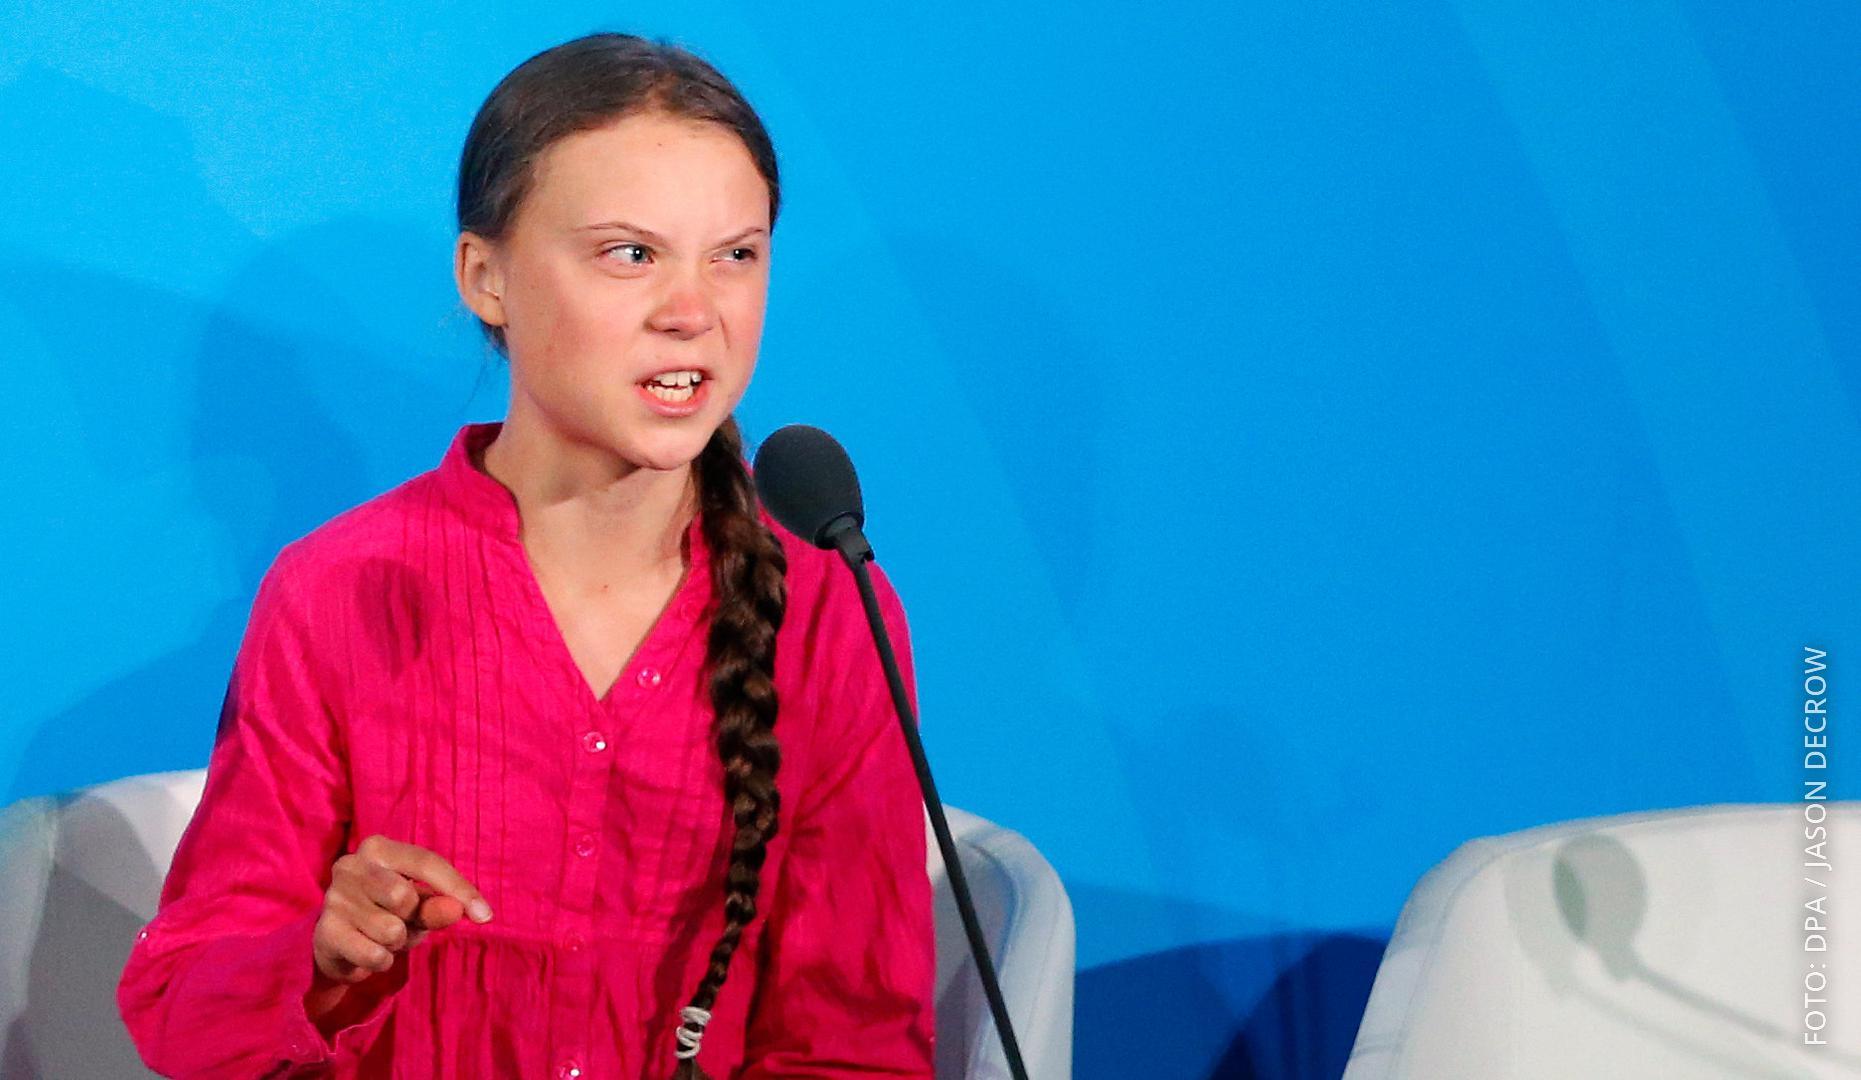 Klima-Aktivistin Thunberg bei ihrer Rede.